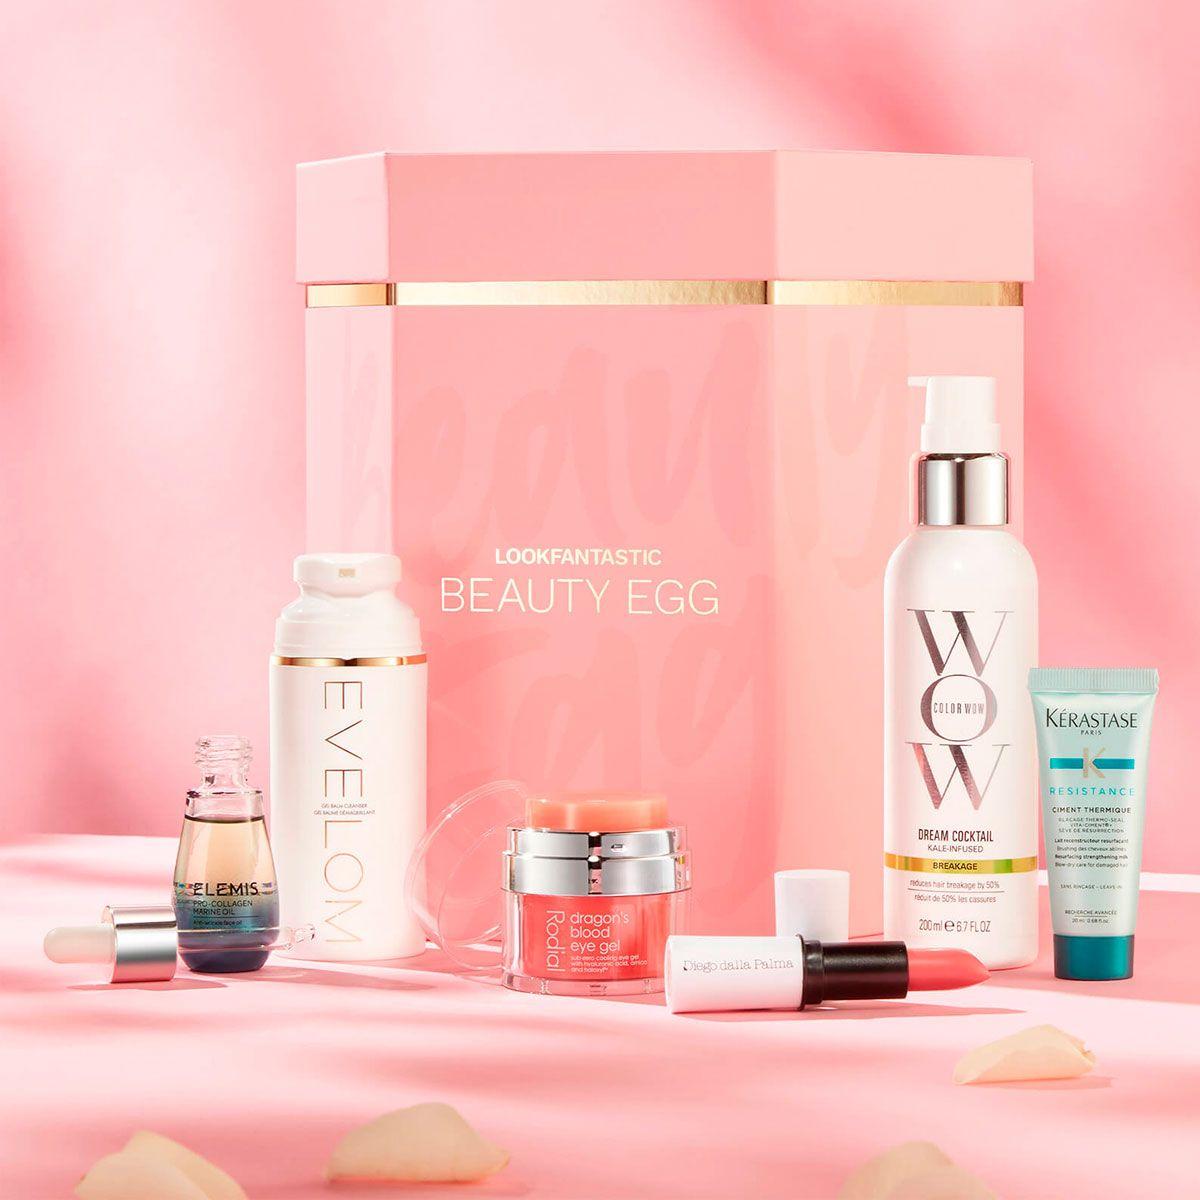 ¡6 cosméticos de lujo por 75 €! No te quedes sin la 'Beauty Egg 2021' de Lookfantastic